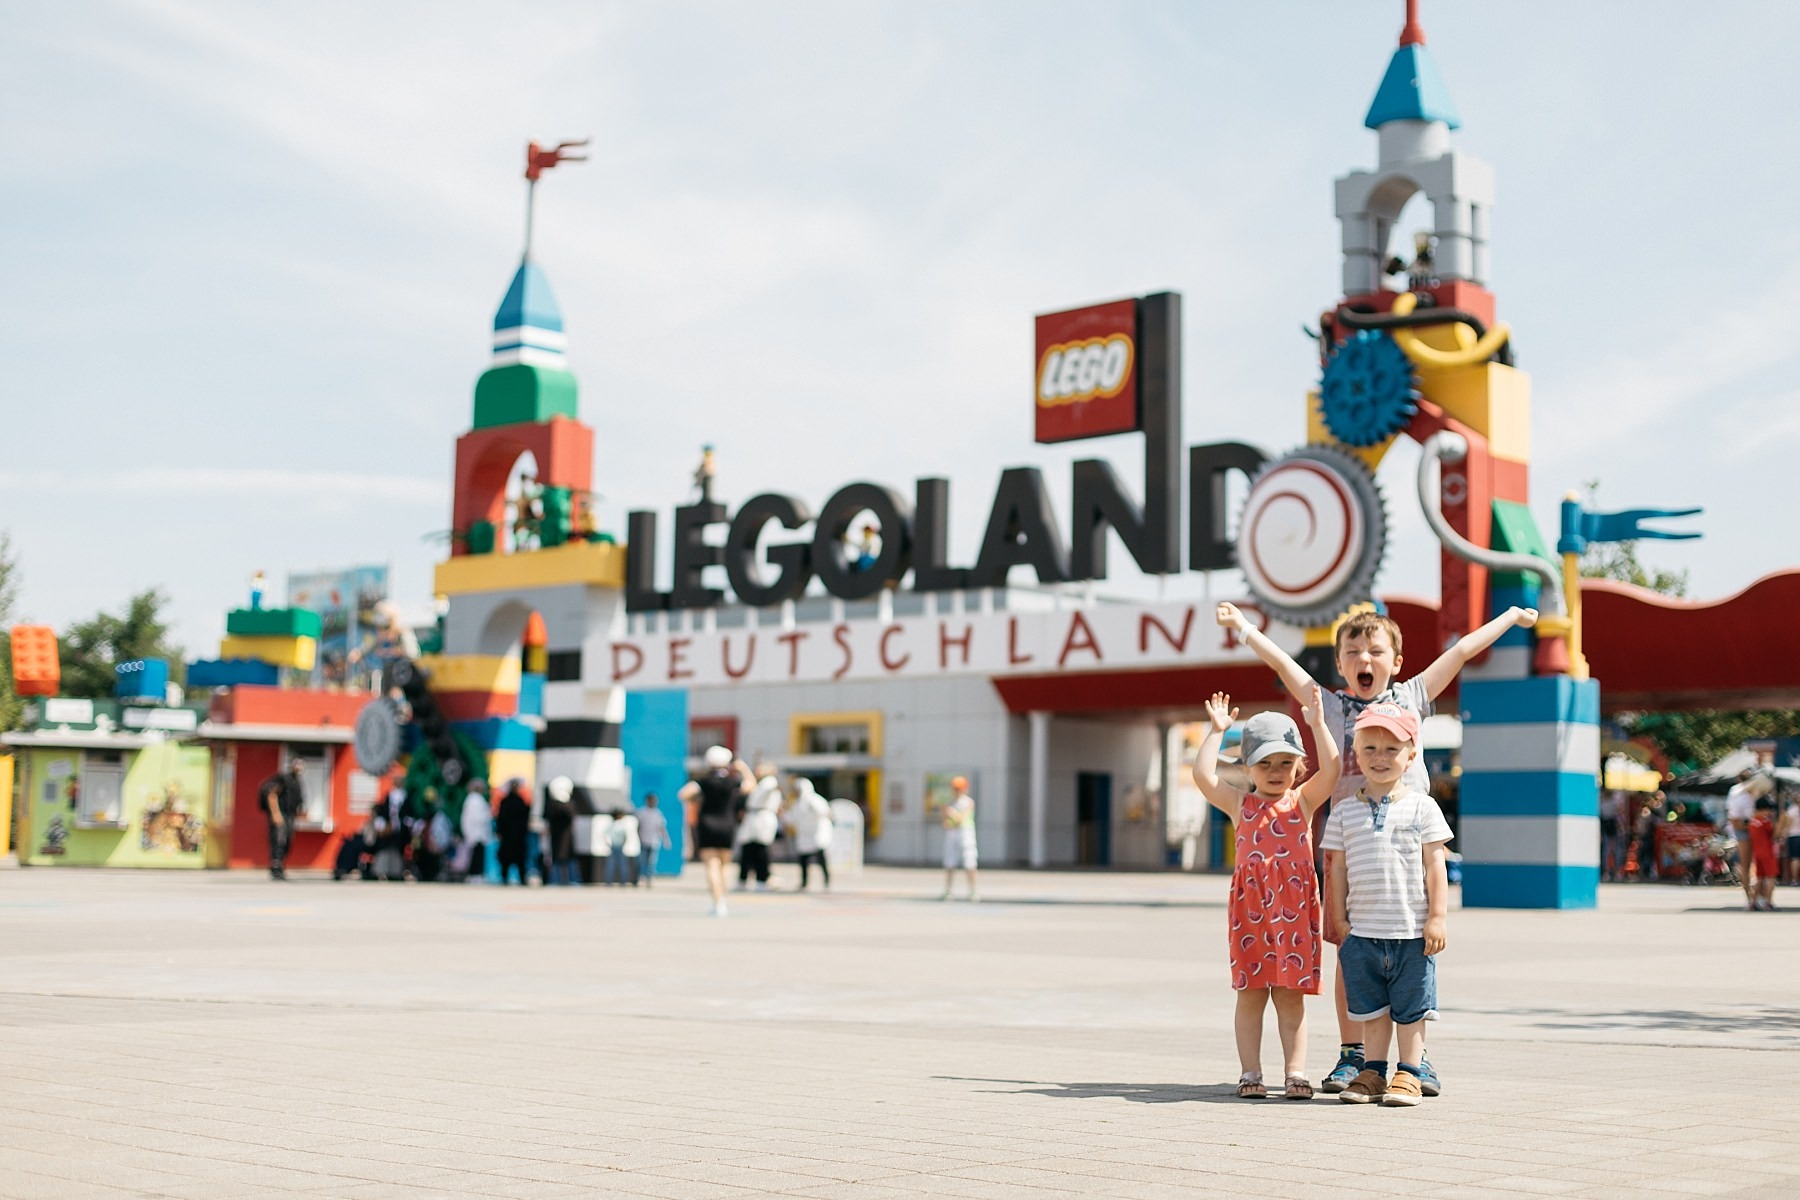 Legoland - 57 millions de briques Lego 1